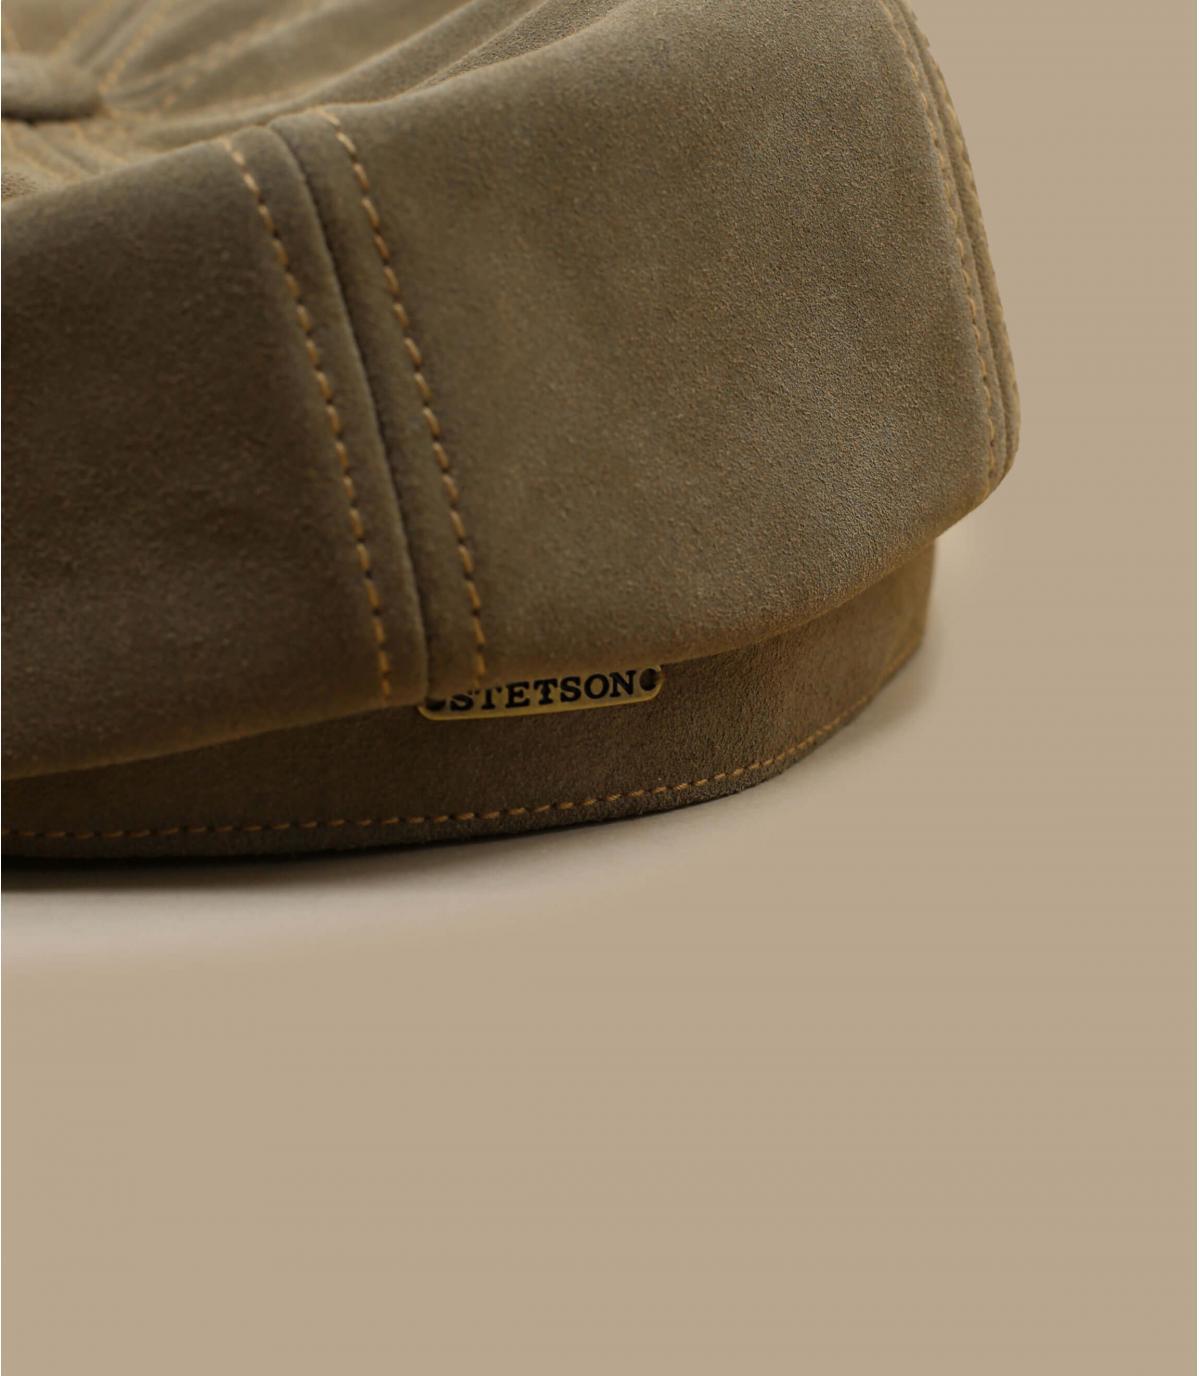 Détails Hatteras Calf Leather beige - image 2